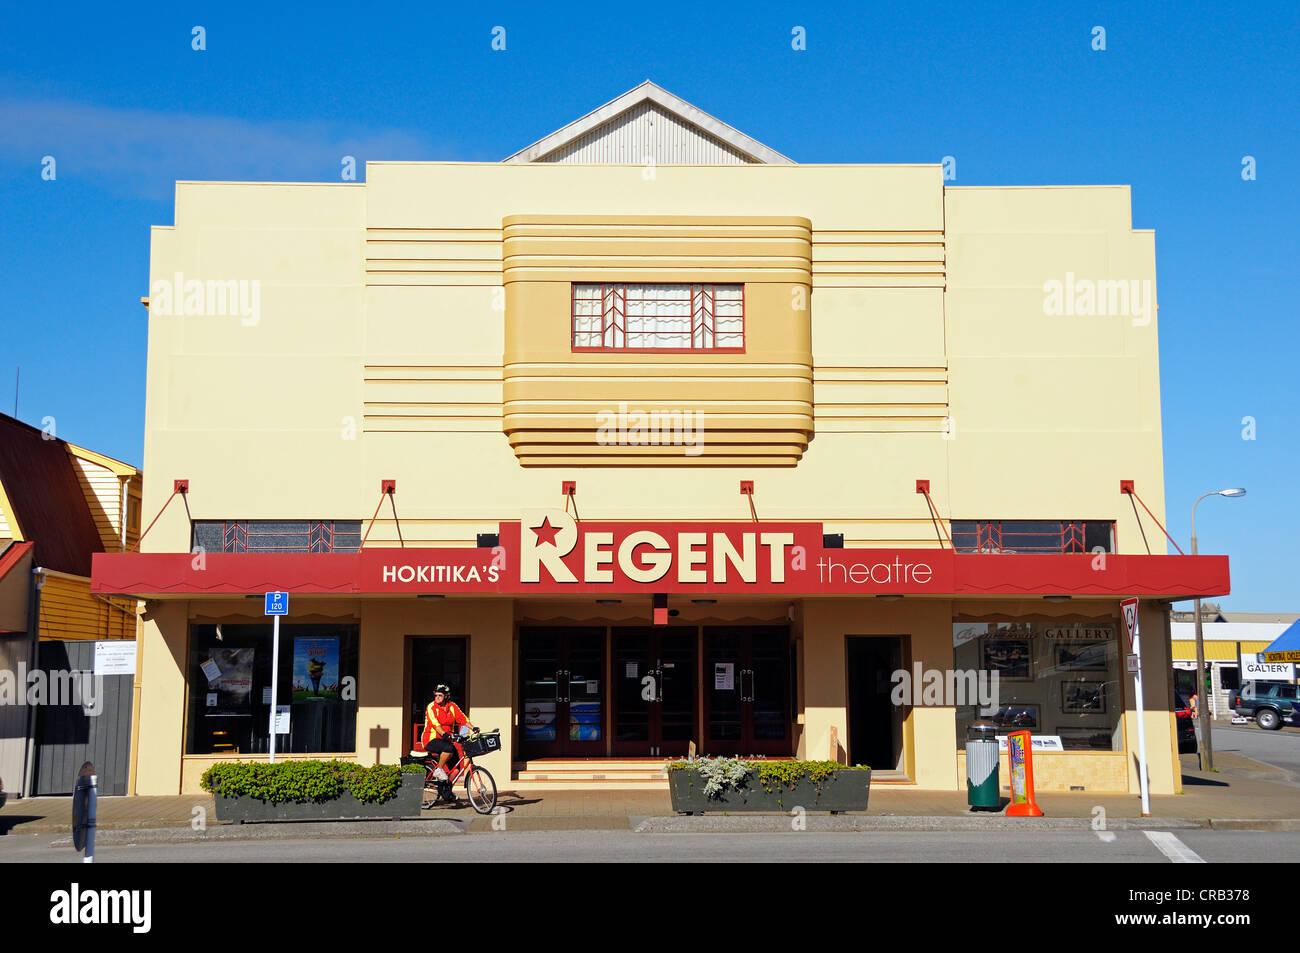 Kino mit Art Deco-Elementen in der Stadt Hokitika, Westküste der Südinsel von Neuseeland Stockbild